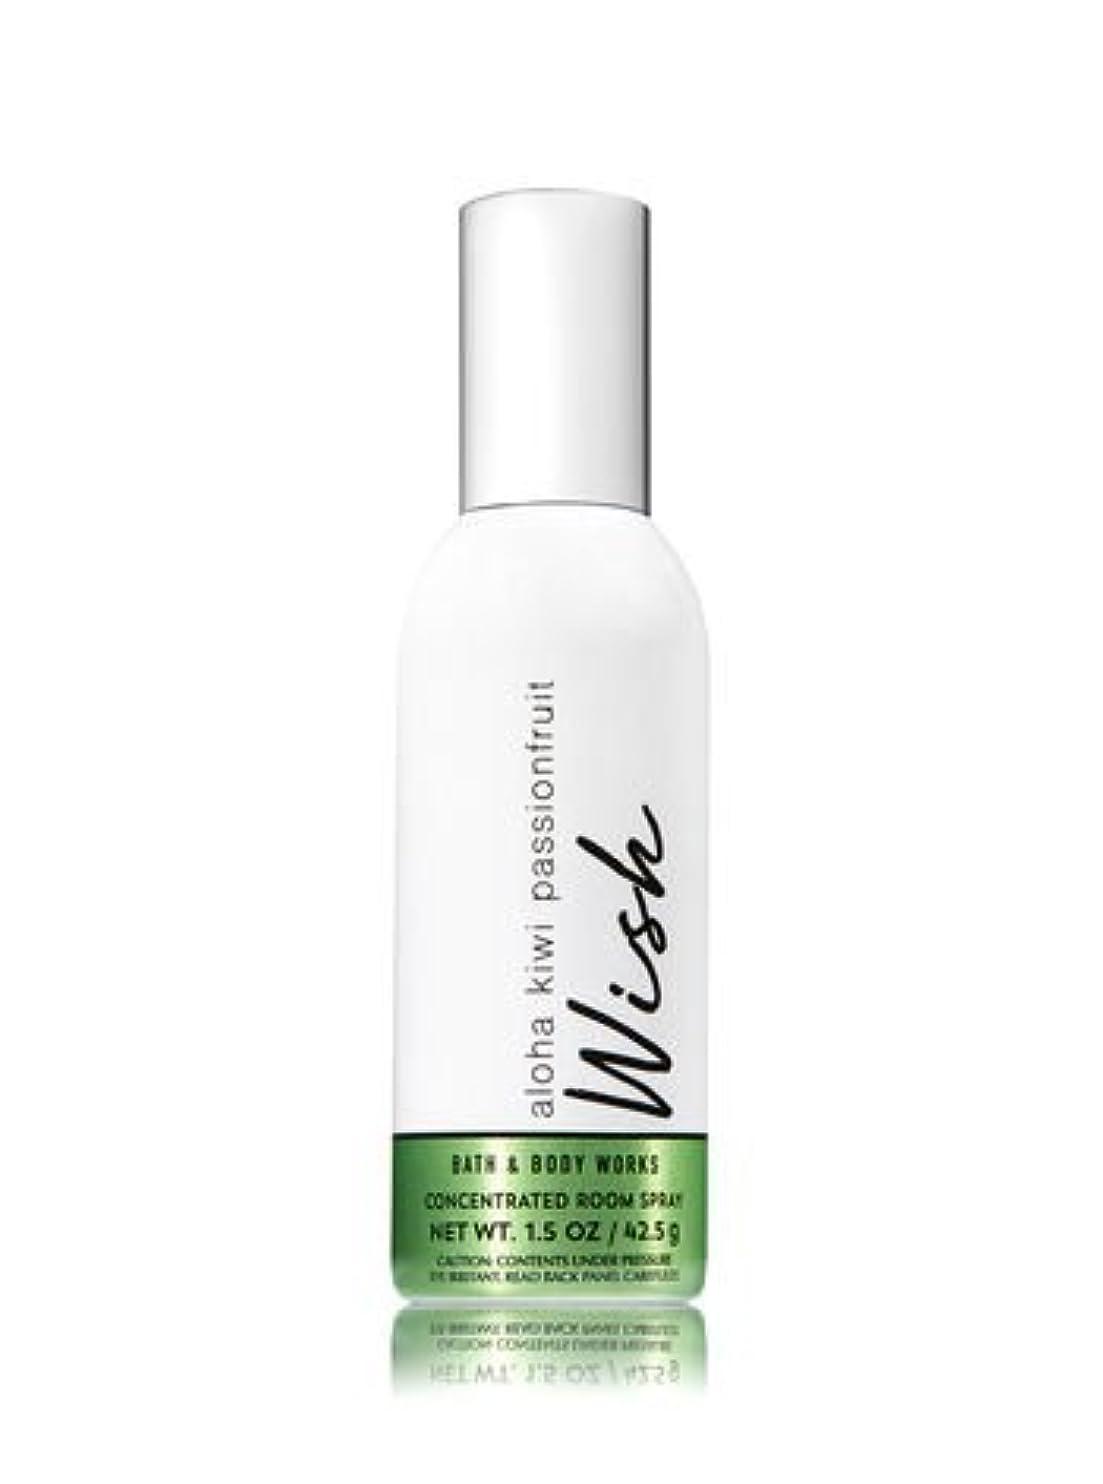 時間厳守アイザックしかしながら【Bath&Body Works/バス&ボディワークス】 ルームスプレー アロハキウイパッションフルーツ 1.5 oz. Concentrated Room Spray/Room Perfume Aloha Kiwi Passionfruit [並行輸入品]